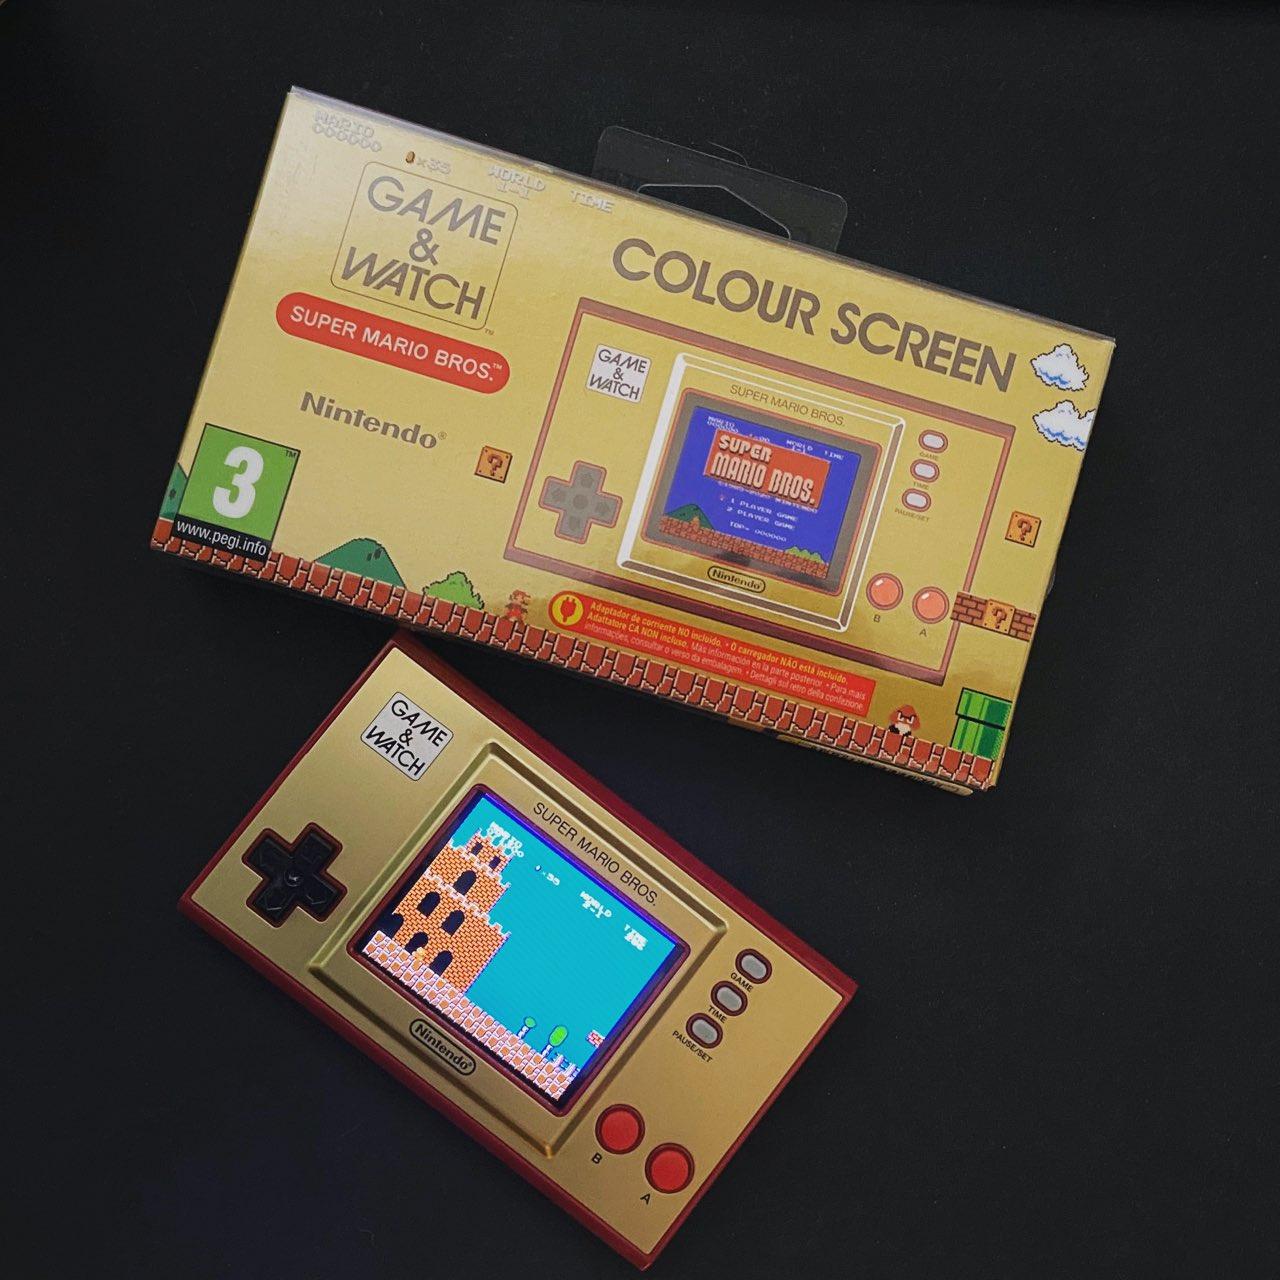 Nintendo Game & Watch Super Mario Bros box